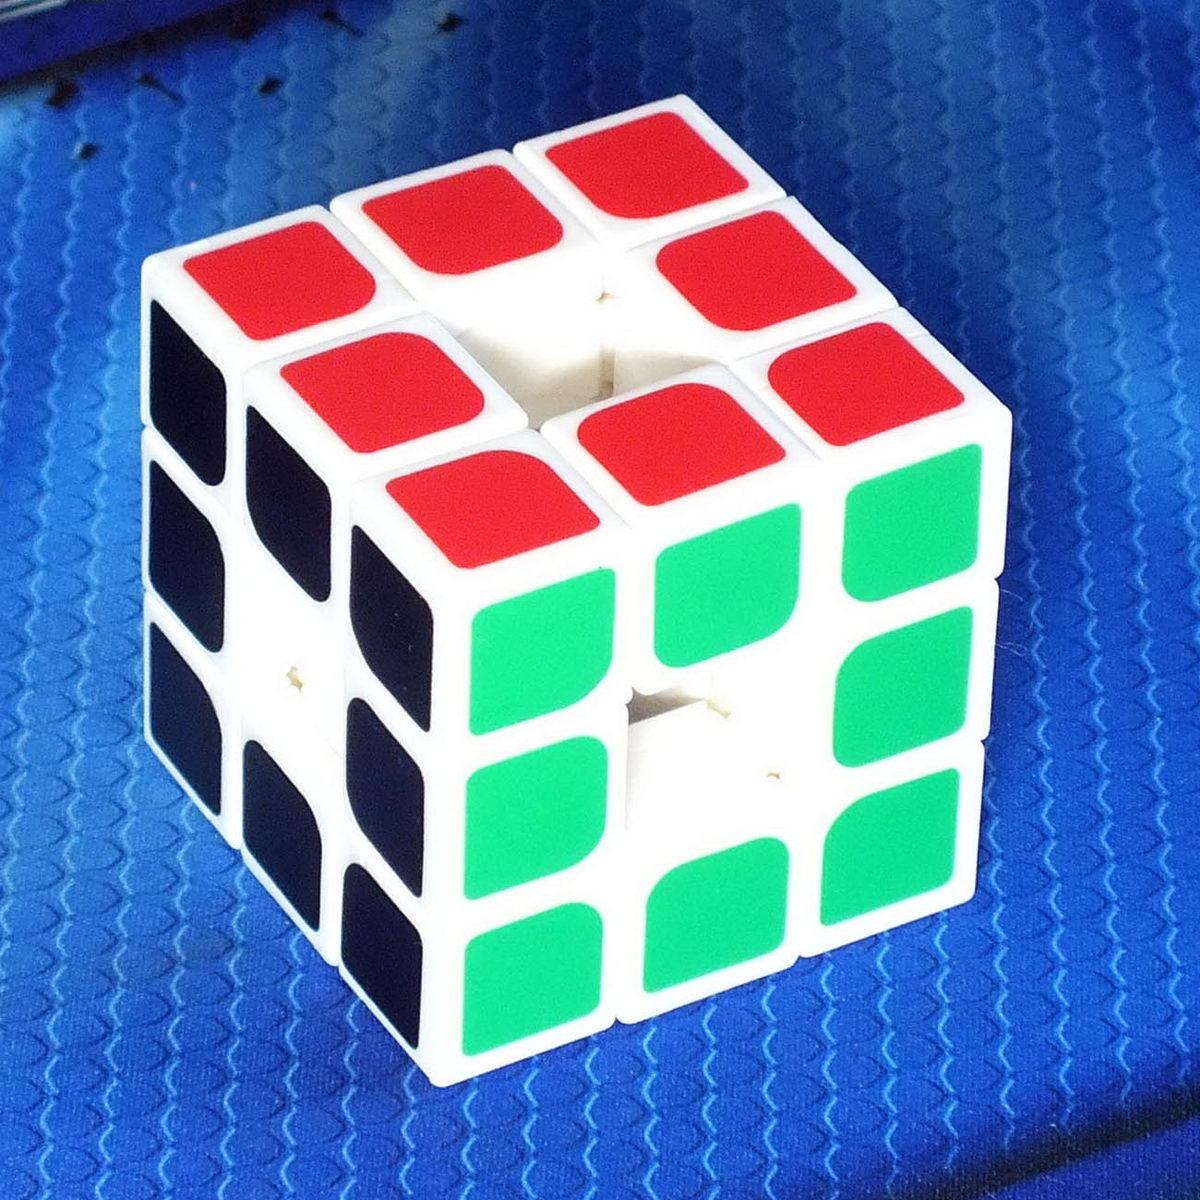 Moyu Void Cube white